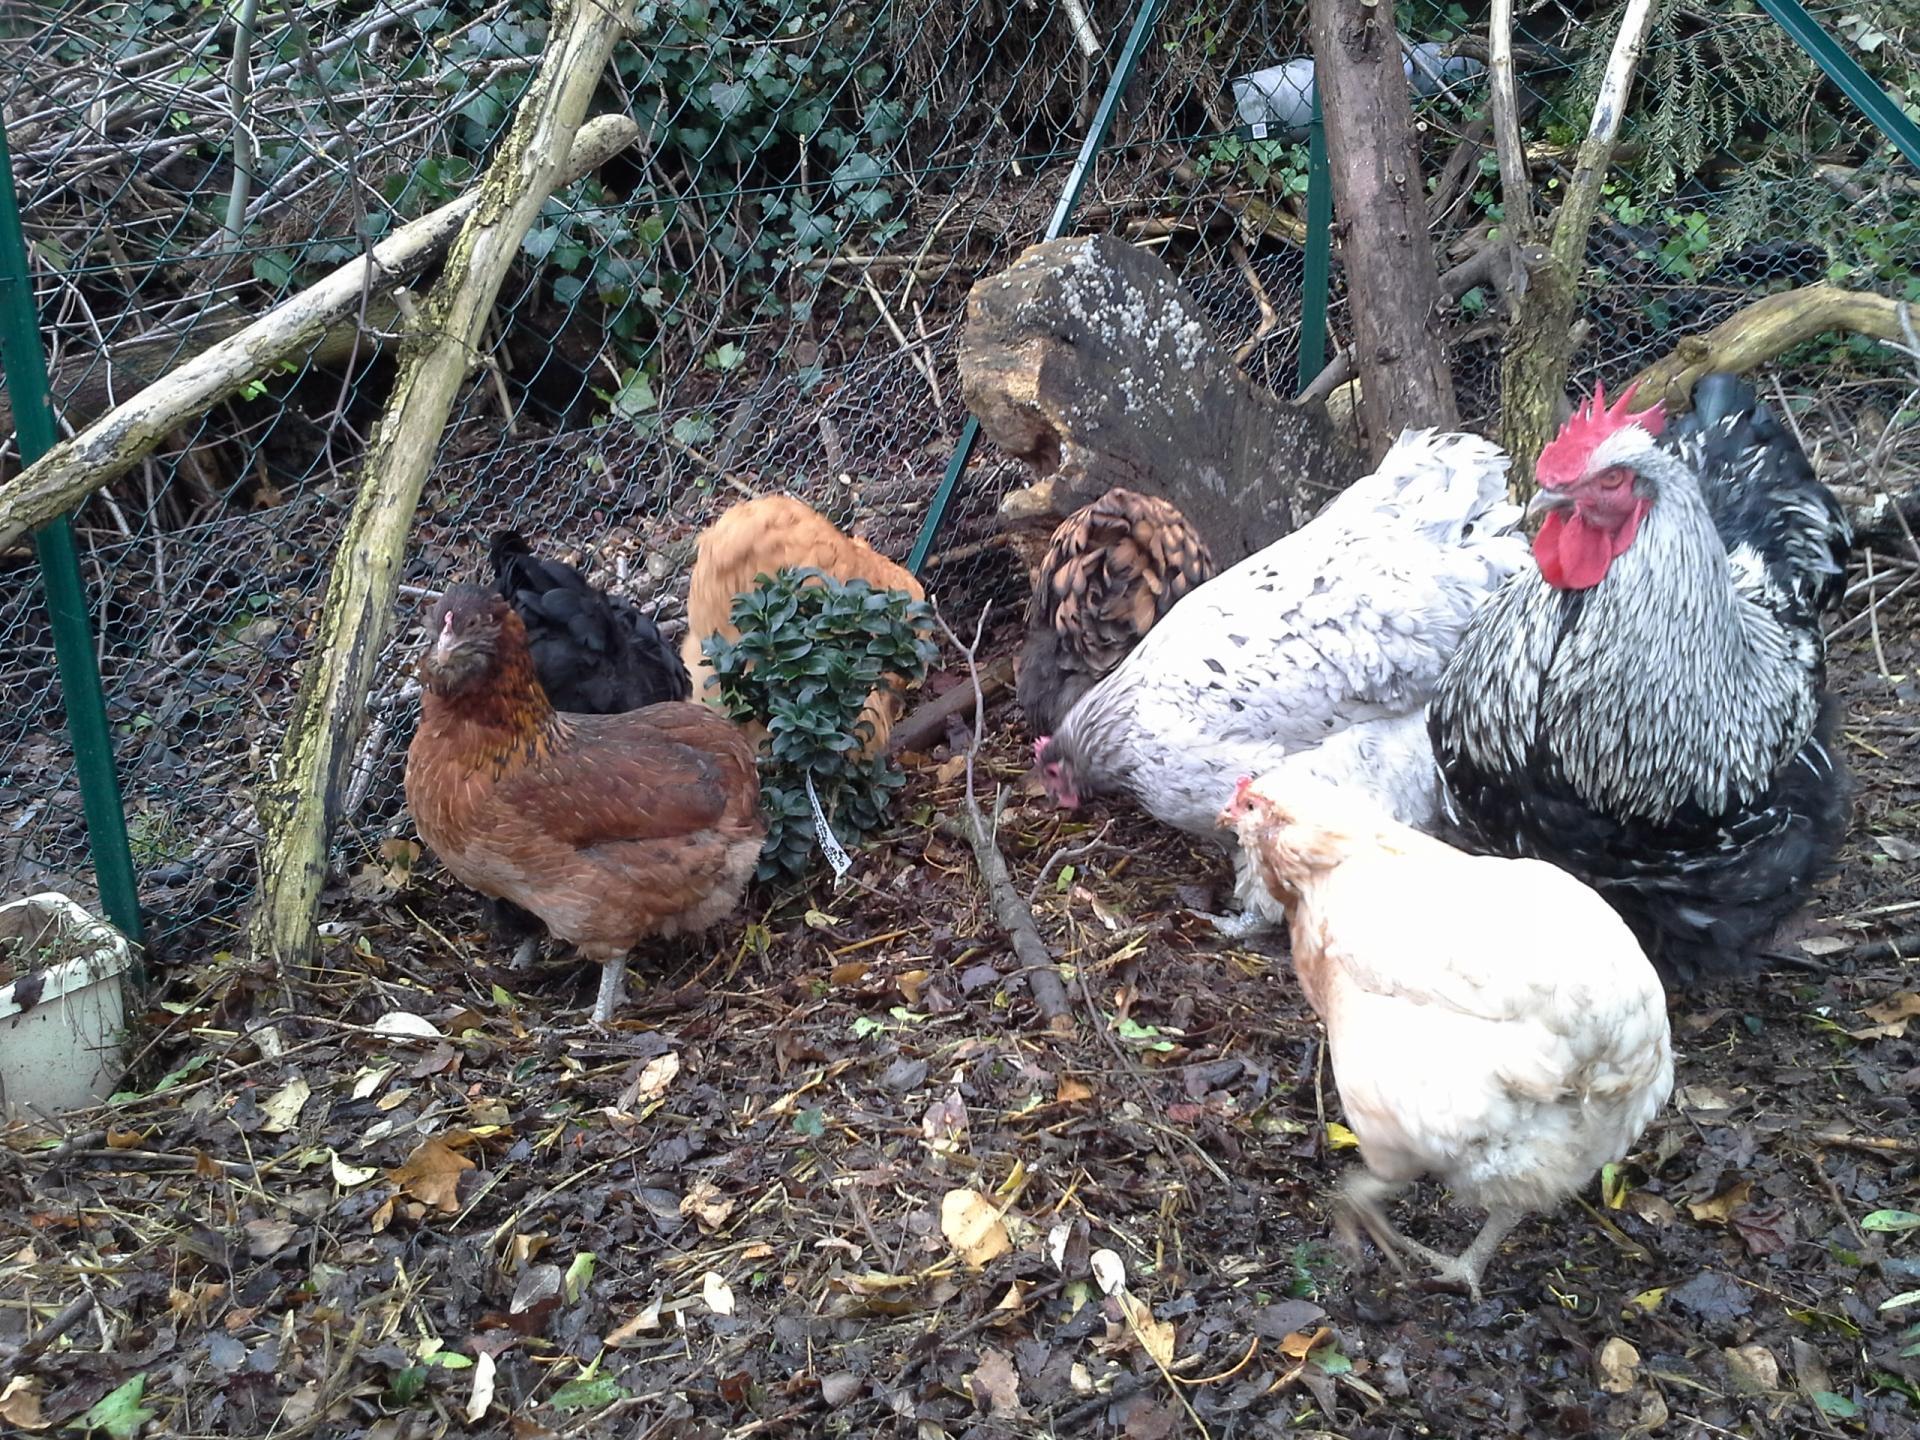 Graciane en retraite avec ses poules